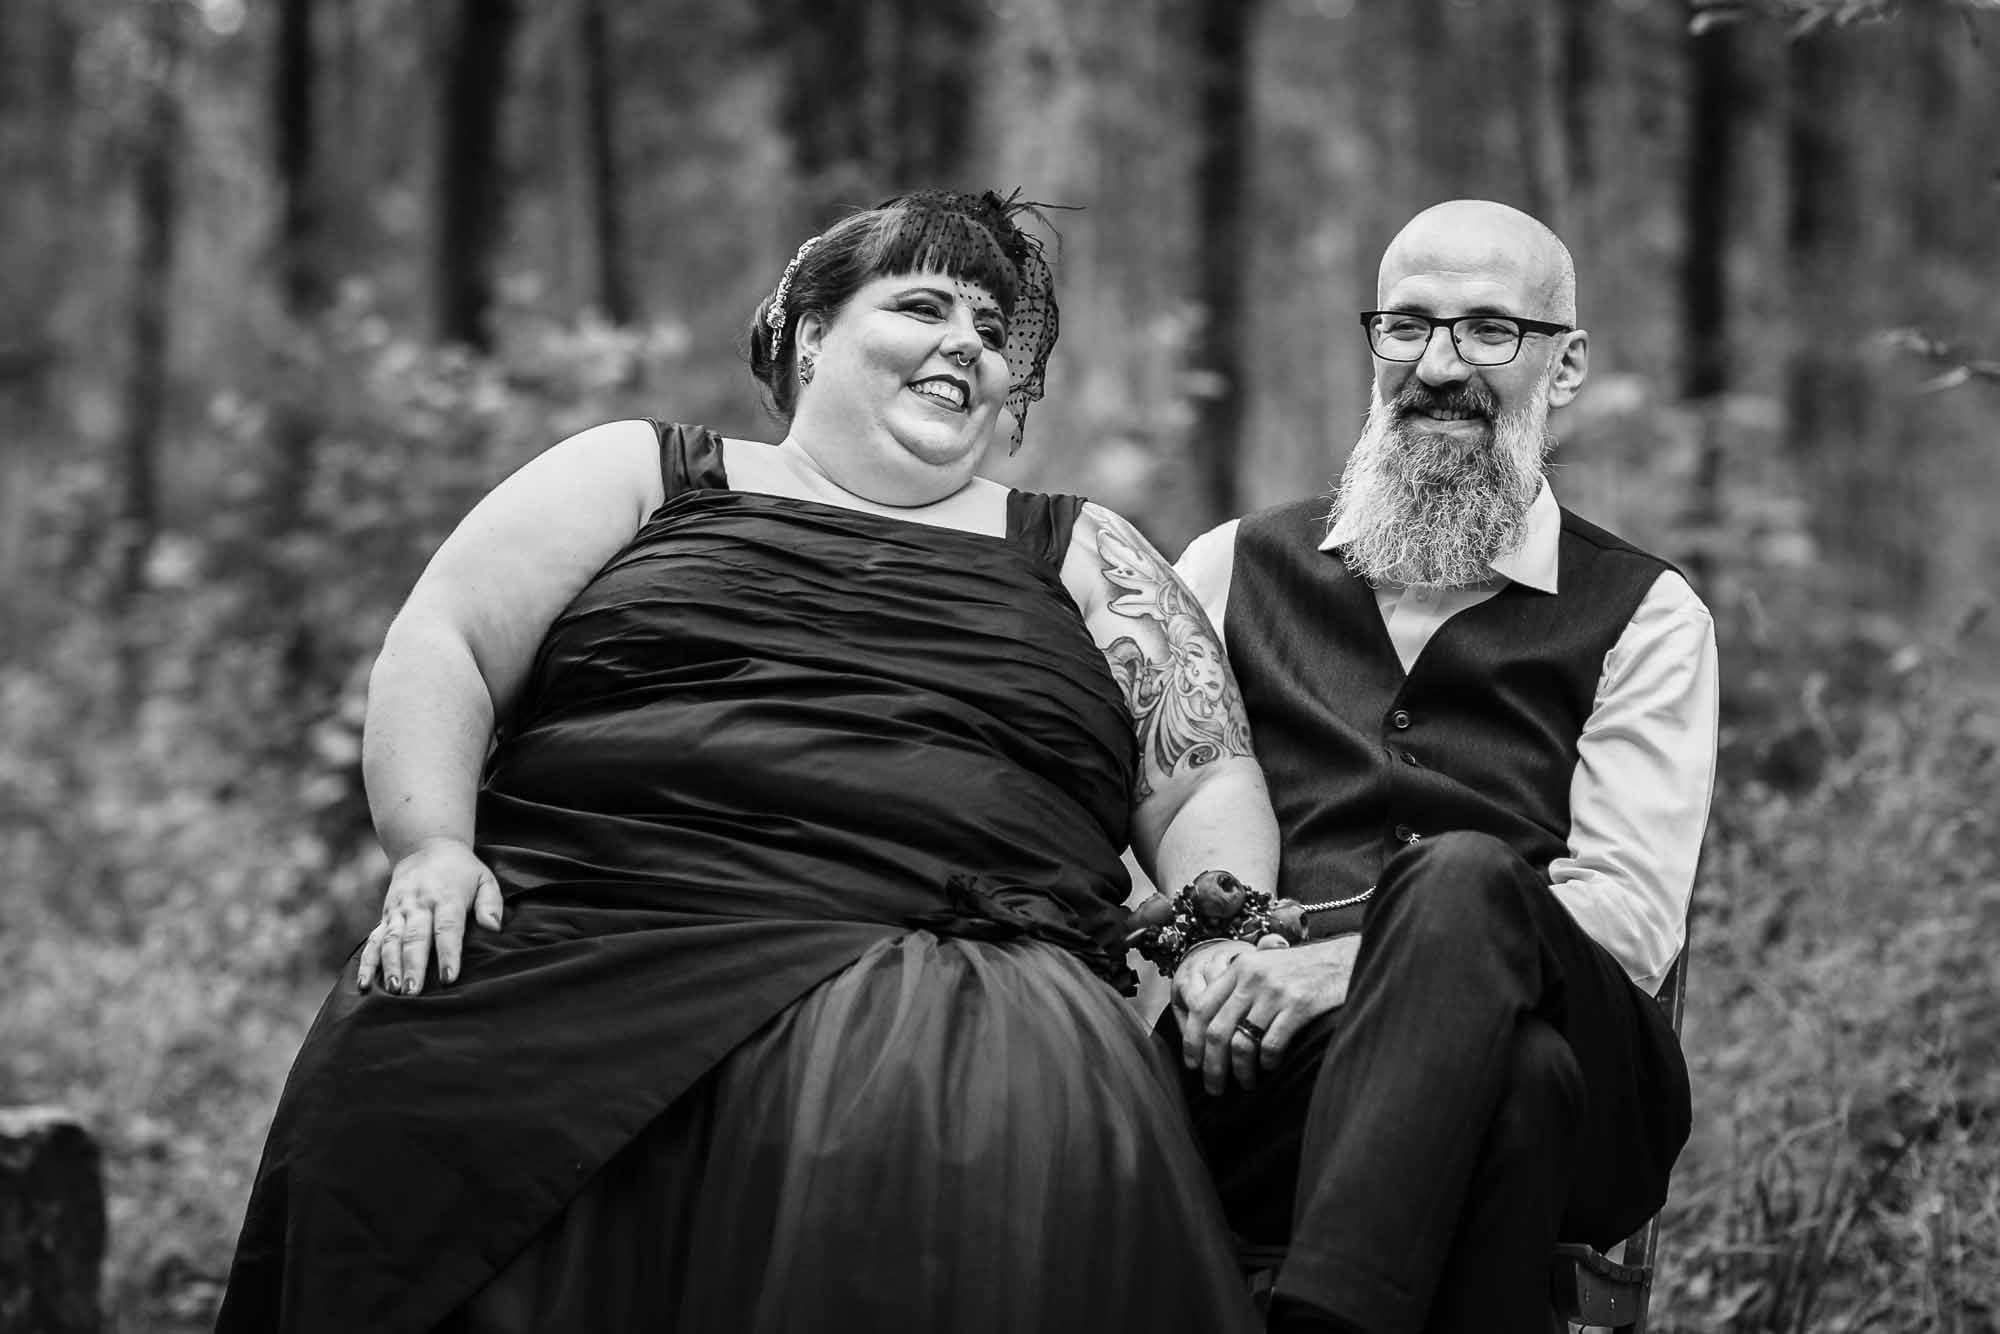 Hochzeitsfotograf Gossau Rock Metal Goth Brautpaar